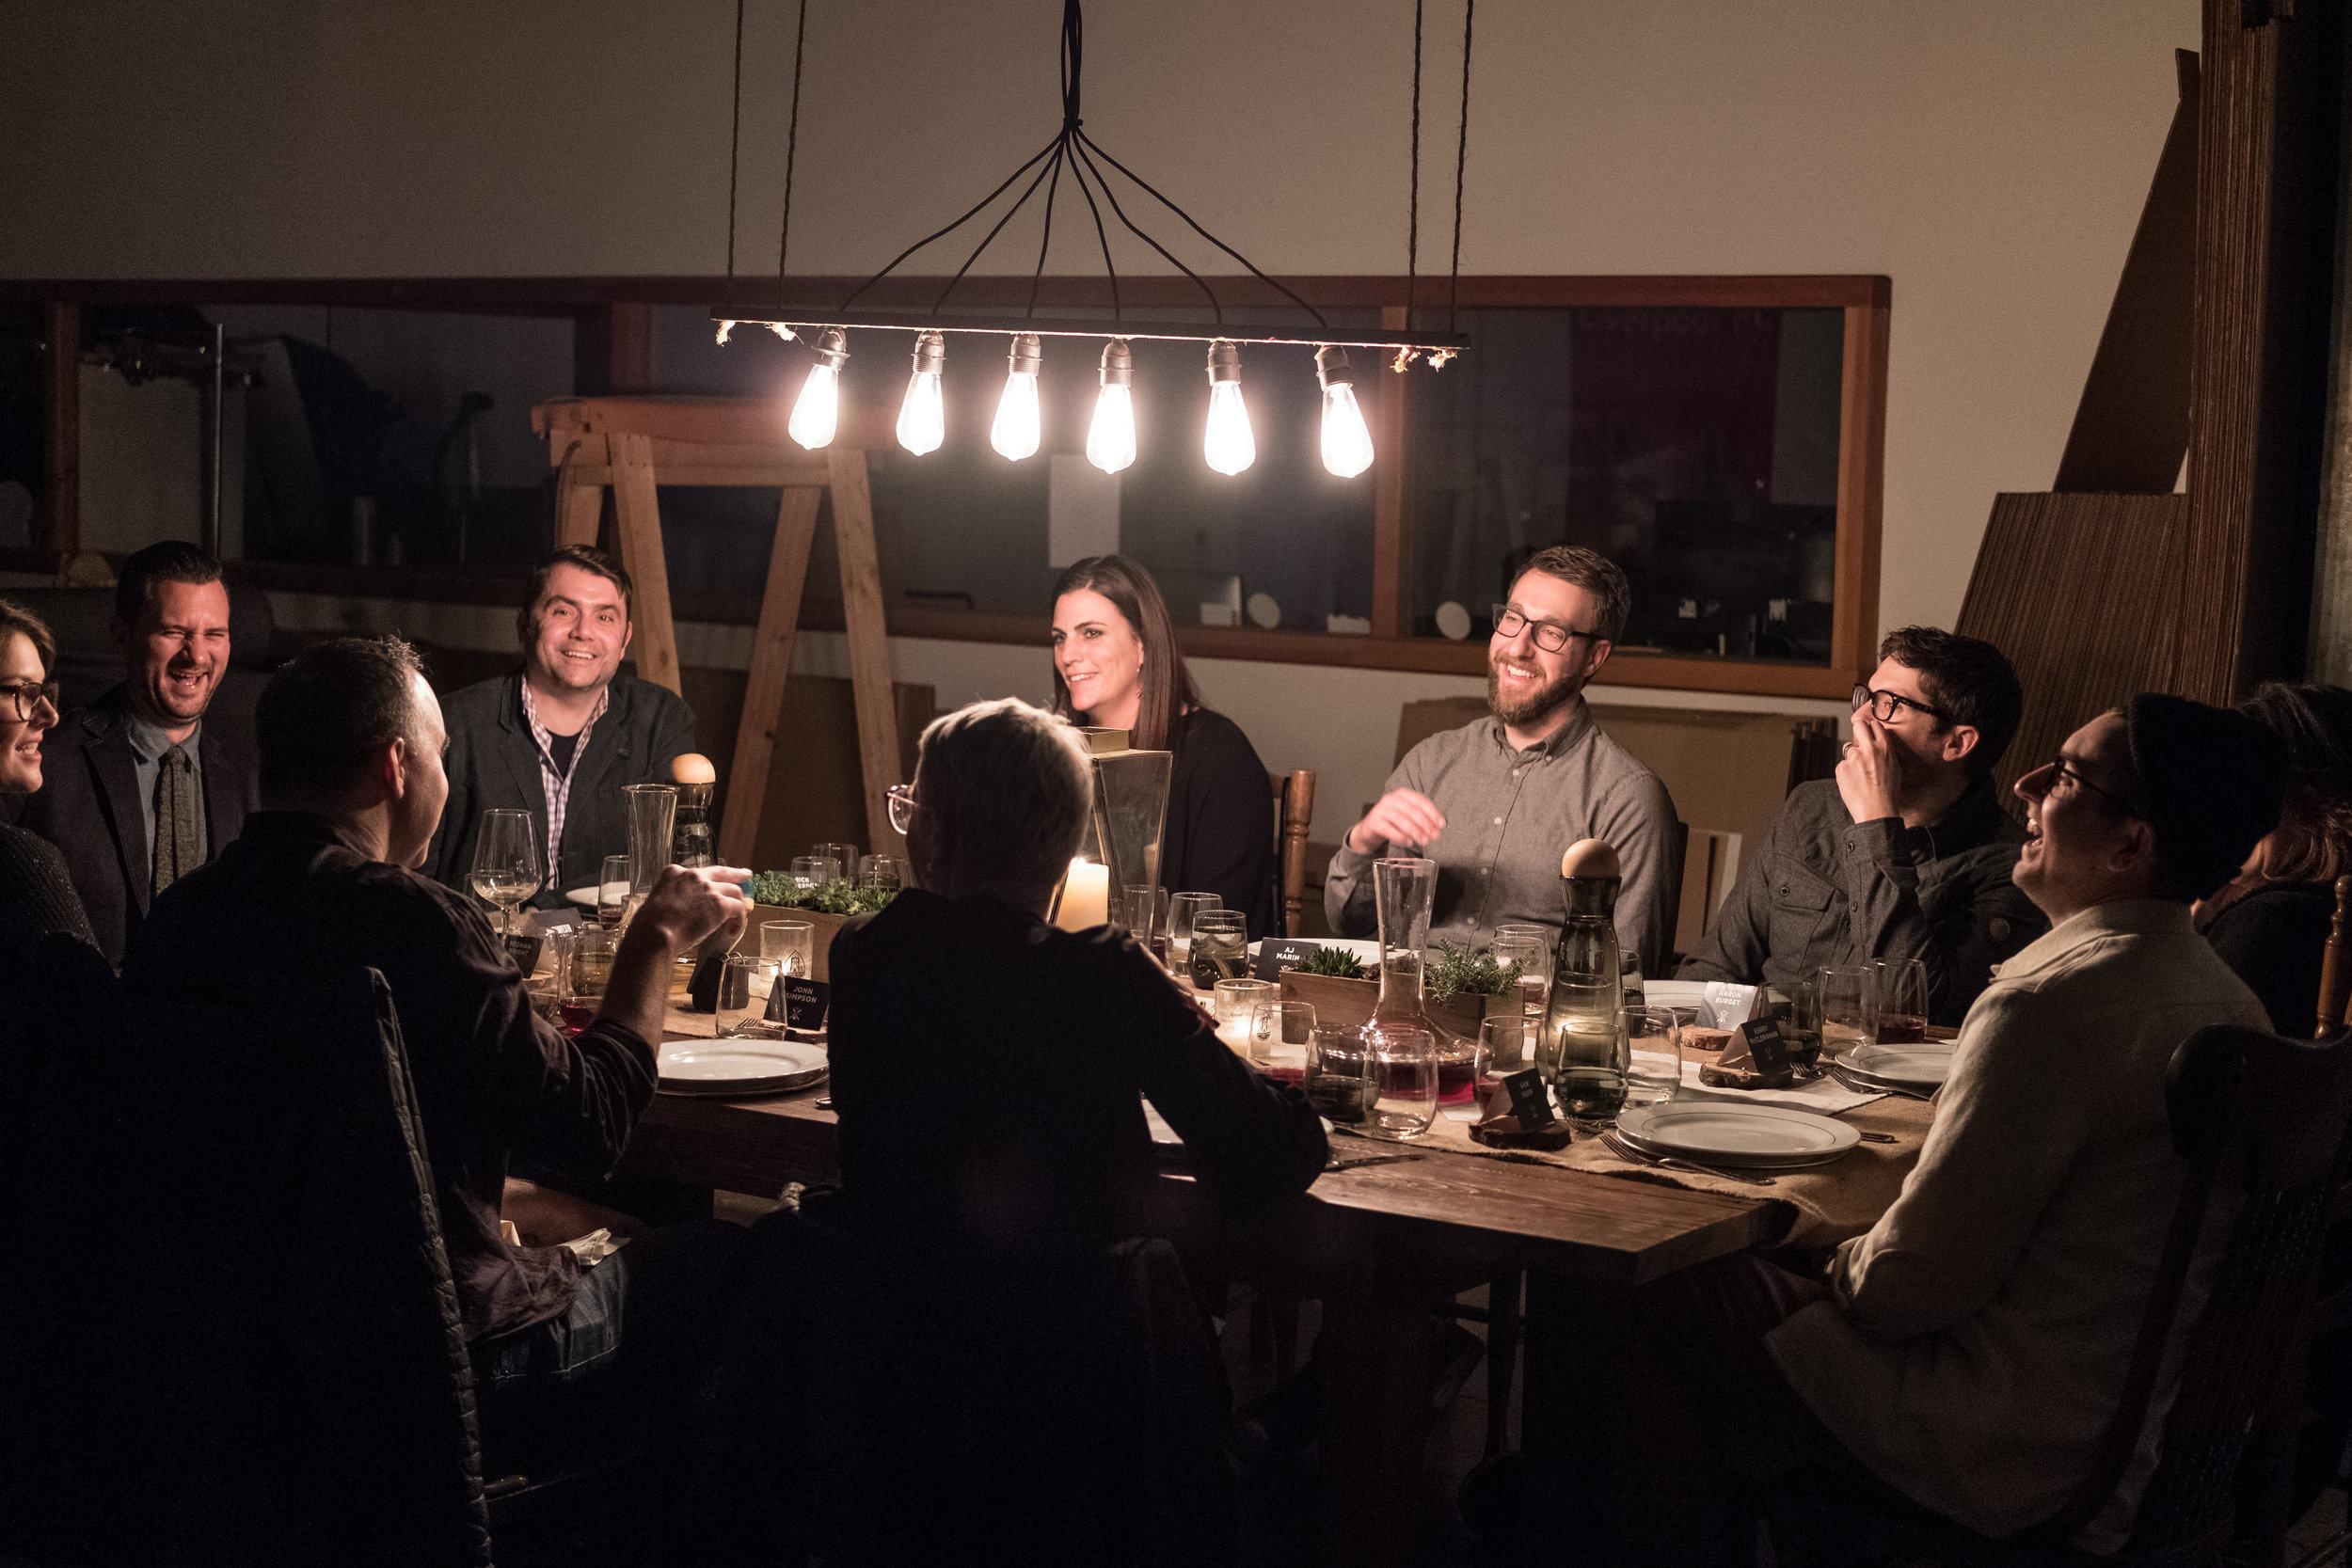 20180208_Table for Ten - Manifesto Agency _0593.jpg